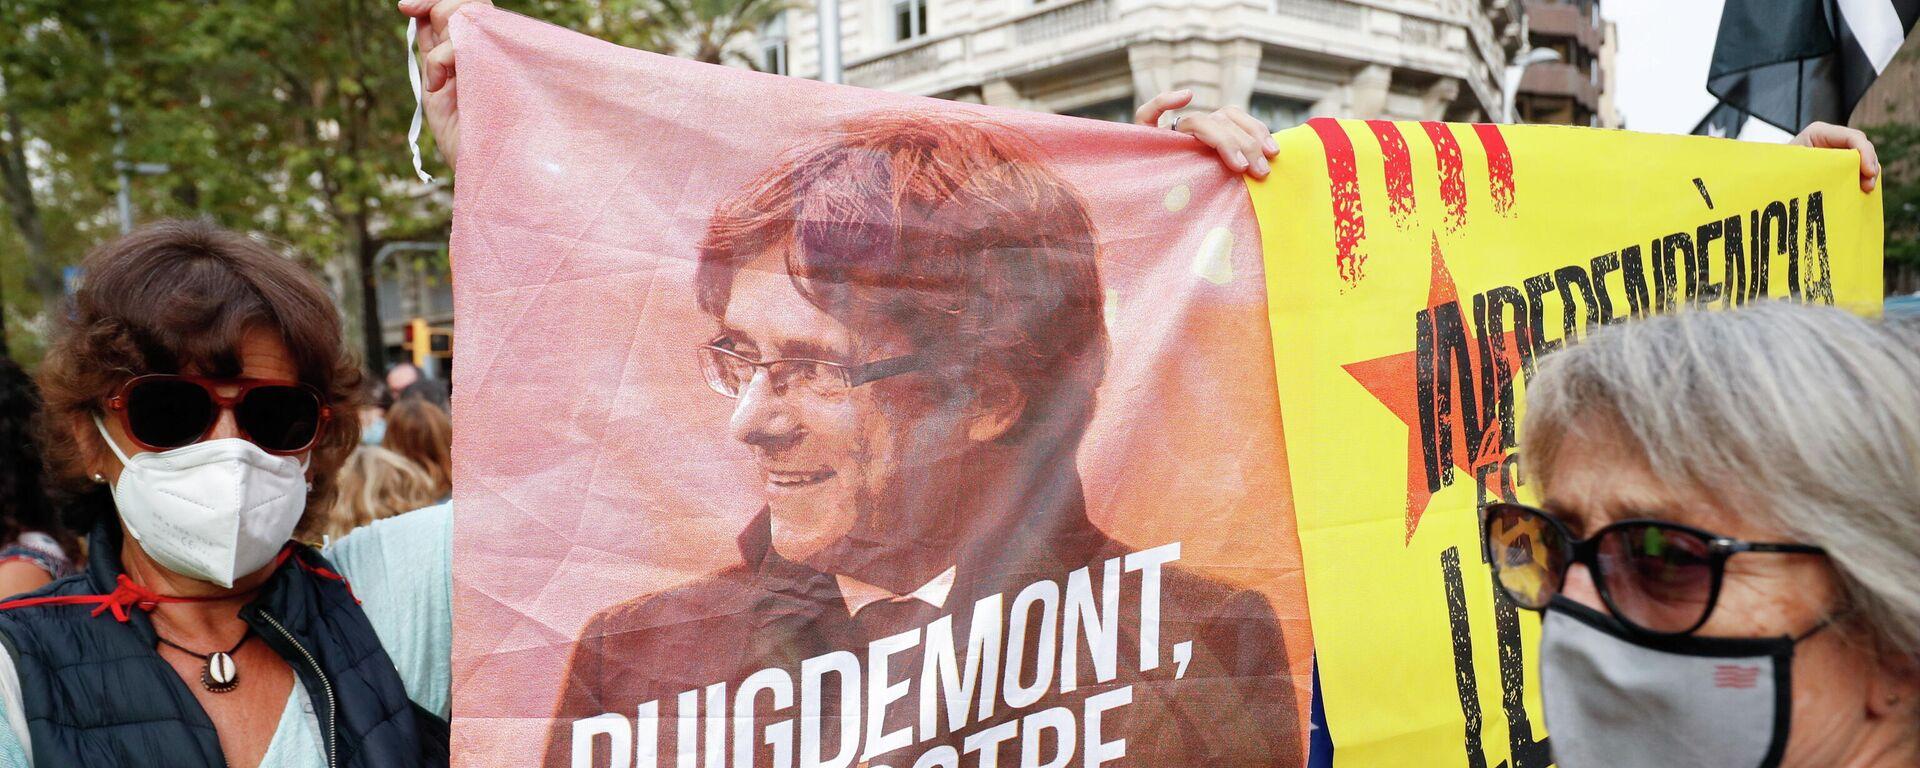 Protesta contra la detención del expresidente de Cataluña, Carles Puigdemont - Sputnik Mundo, 1920, 24.09.2021